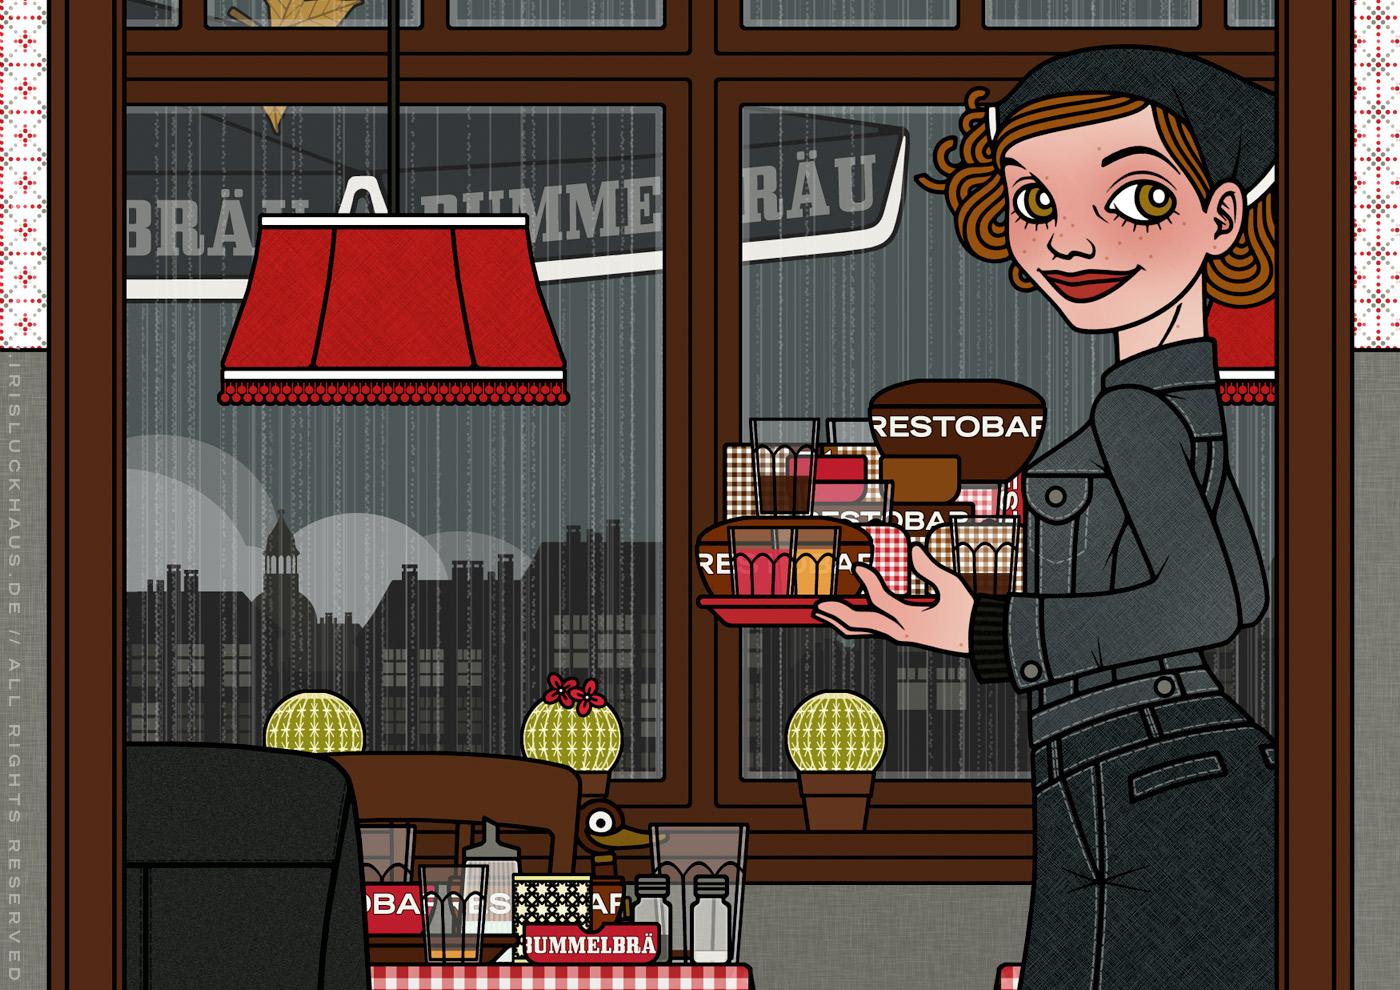 Zeichnung von einem Mädchen im Restaurant, das sich nicht entscheiden kann und daher einfach alles nimmt, für Lily Lux